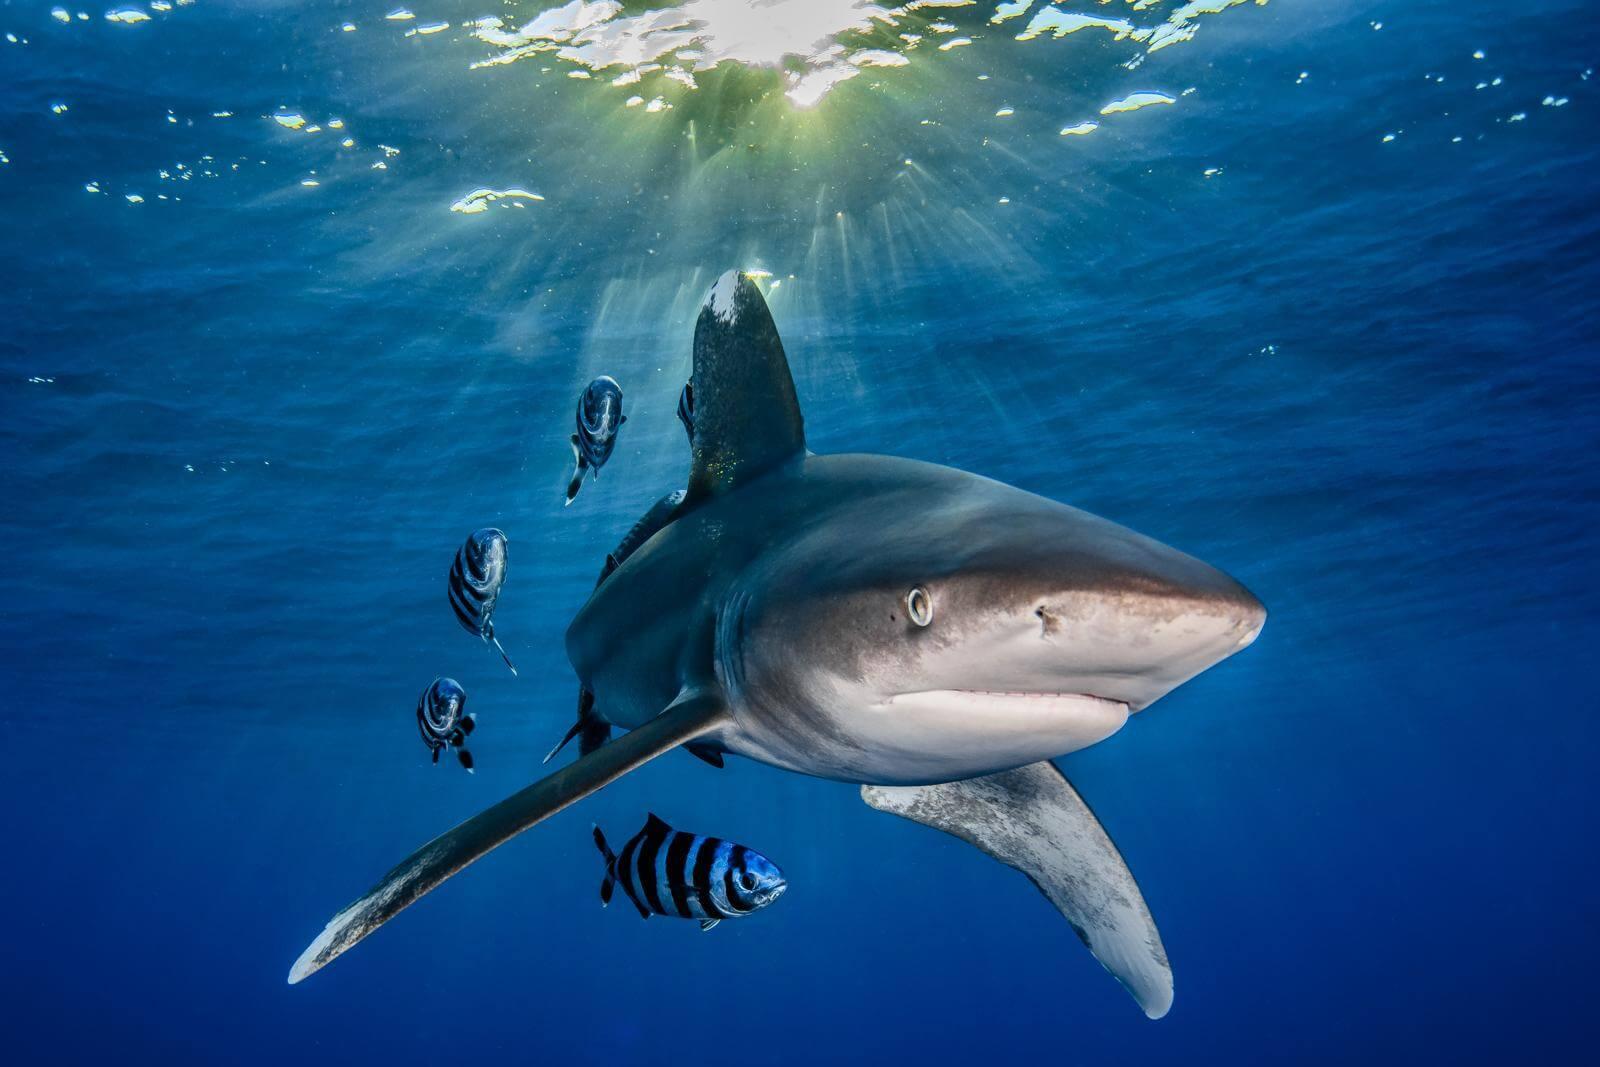 Oceanic white tip shark by Rafael Fernández Caballero